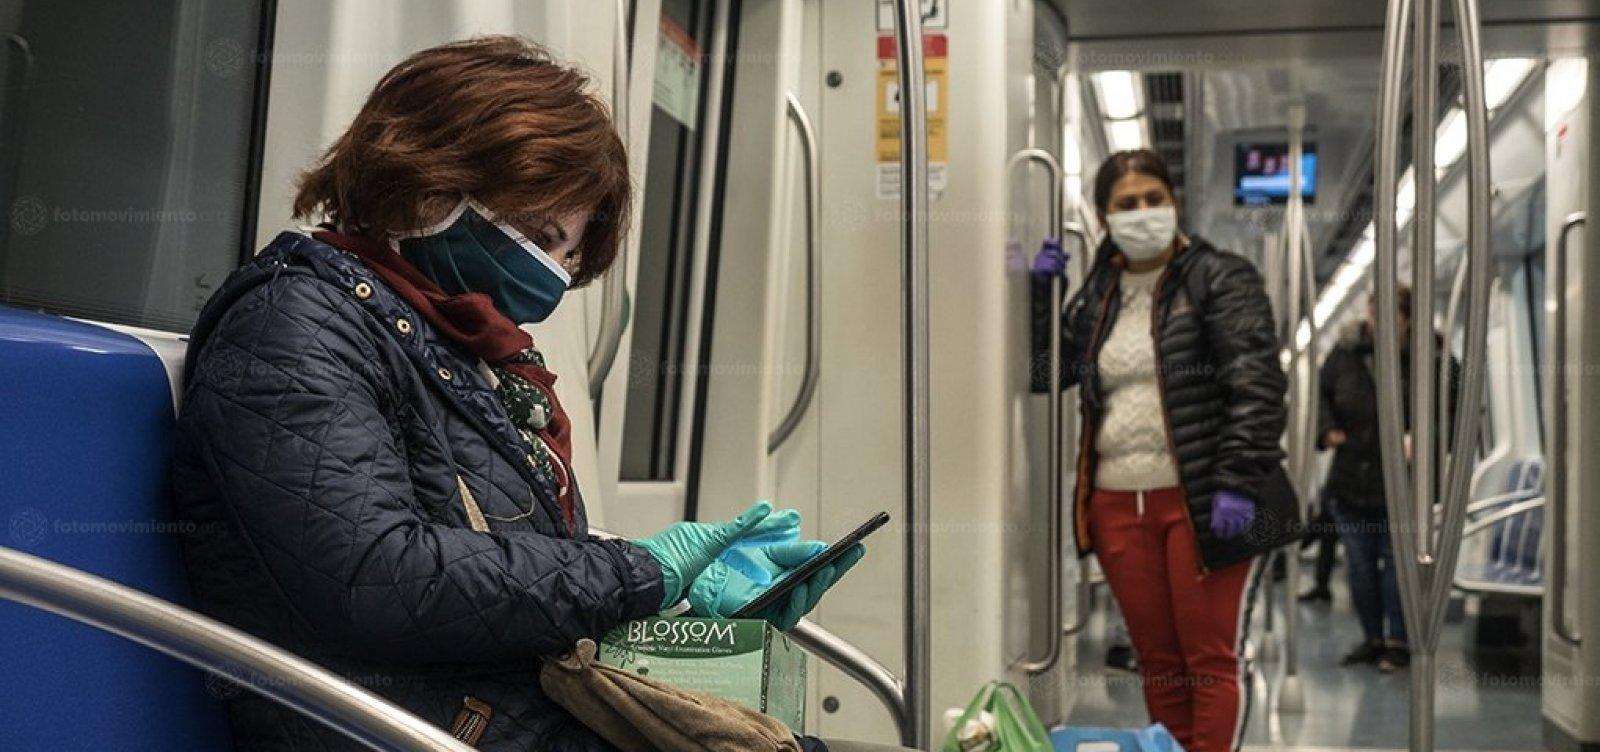 [Número de mortes por coronavírus cai pelo terceiro dia seguido na Espanha]